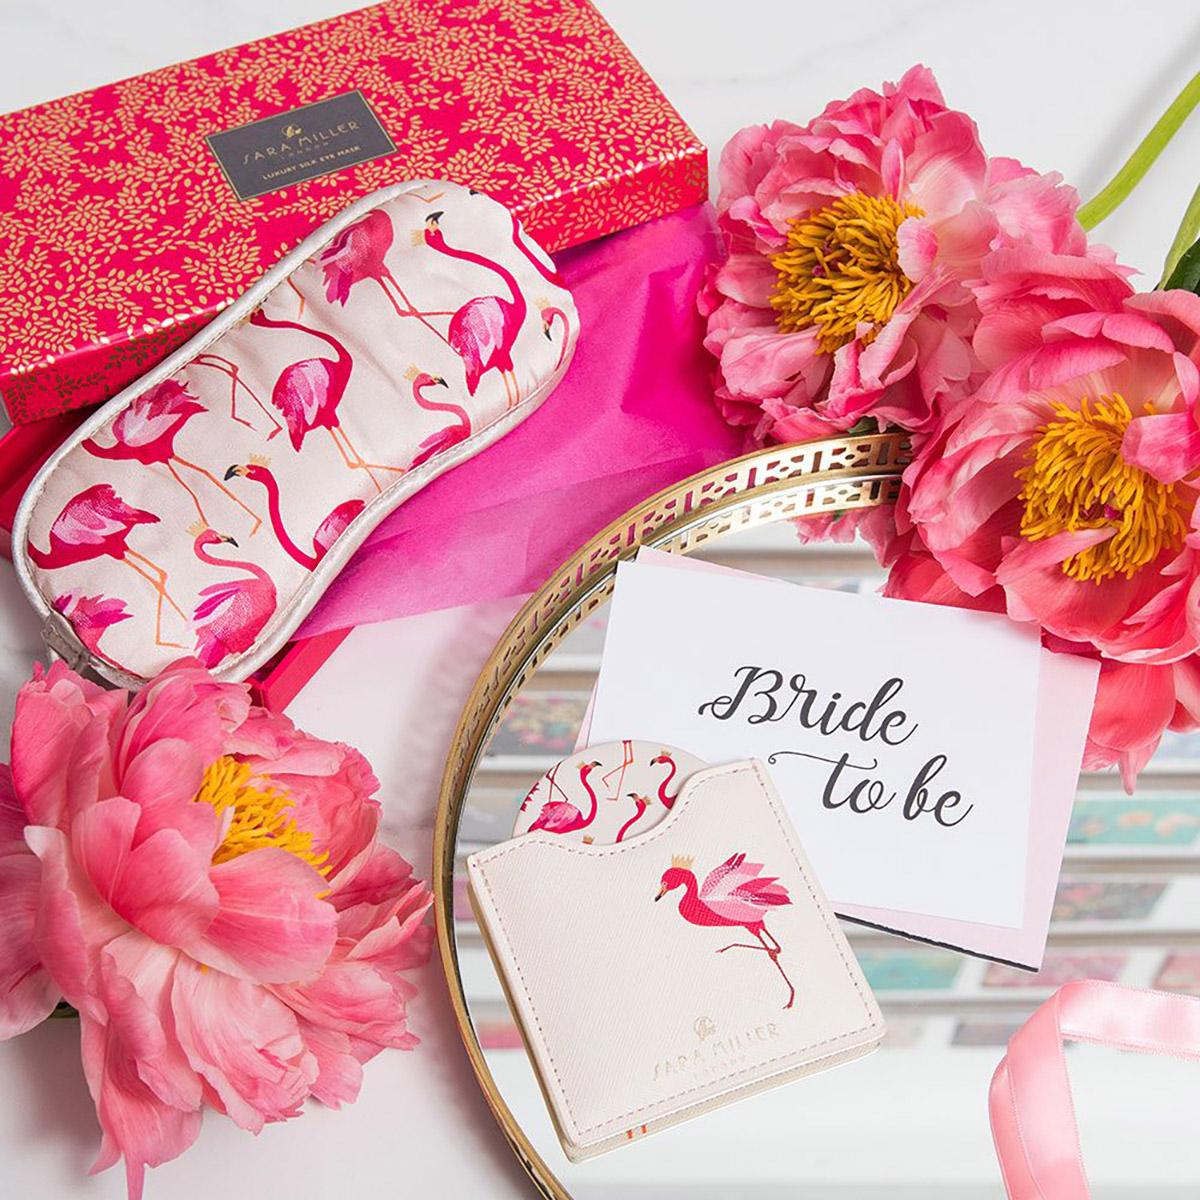 Sara Miller – Pink Flamingo Silk Eye Mask in Presentation Box